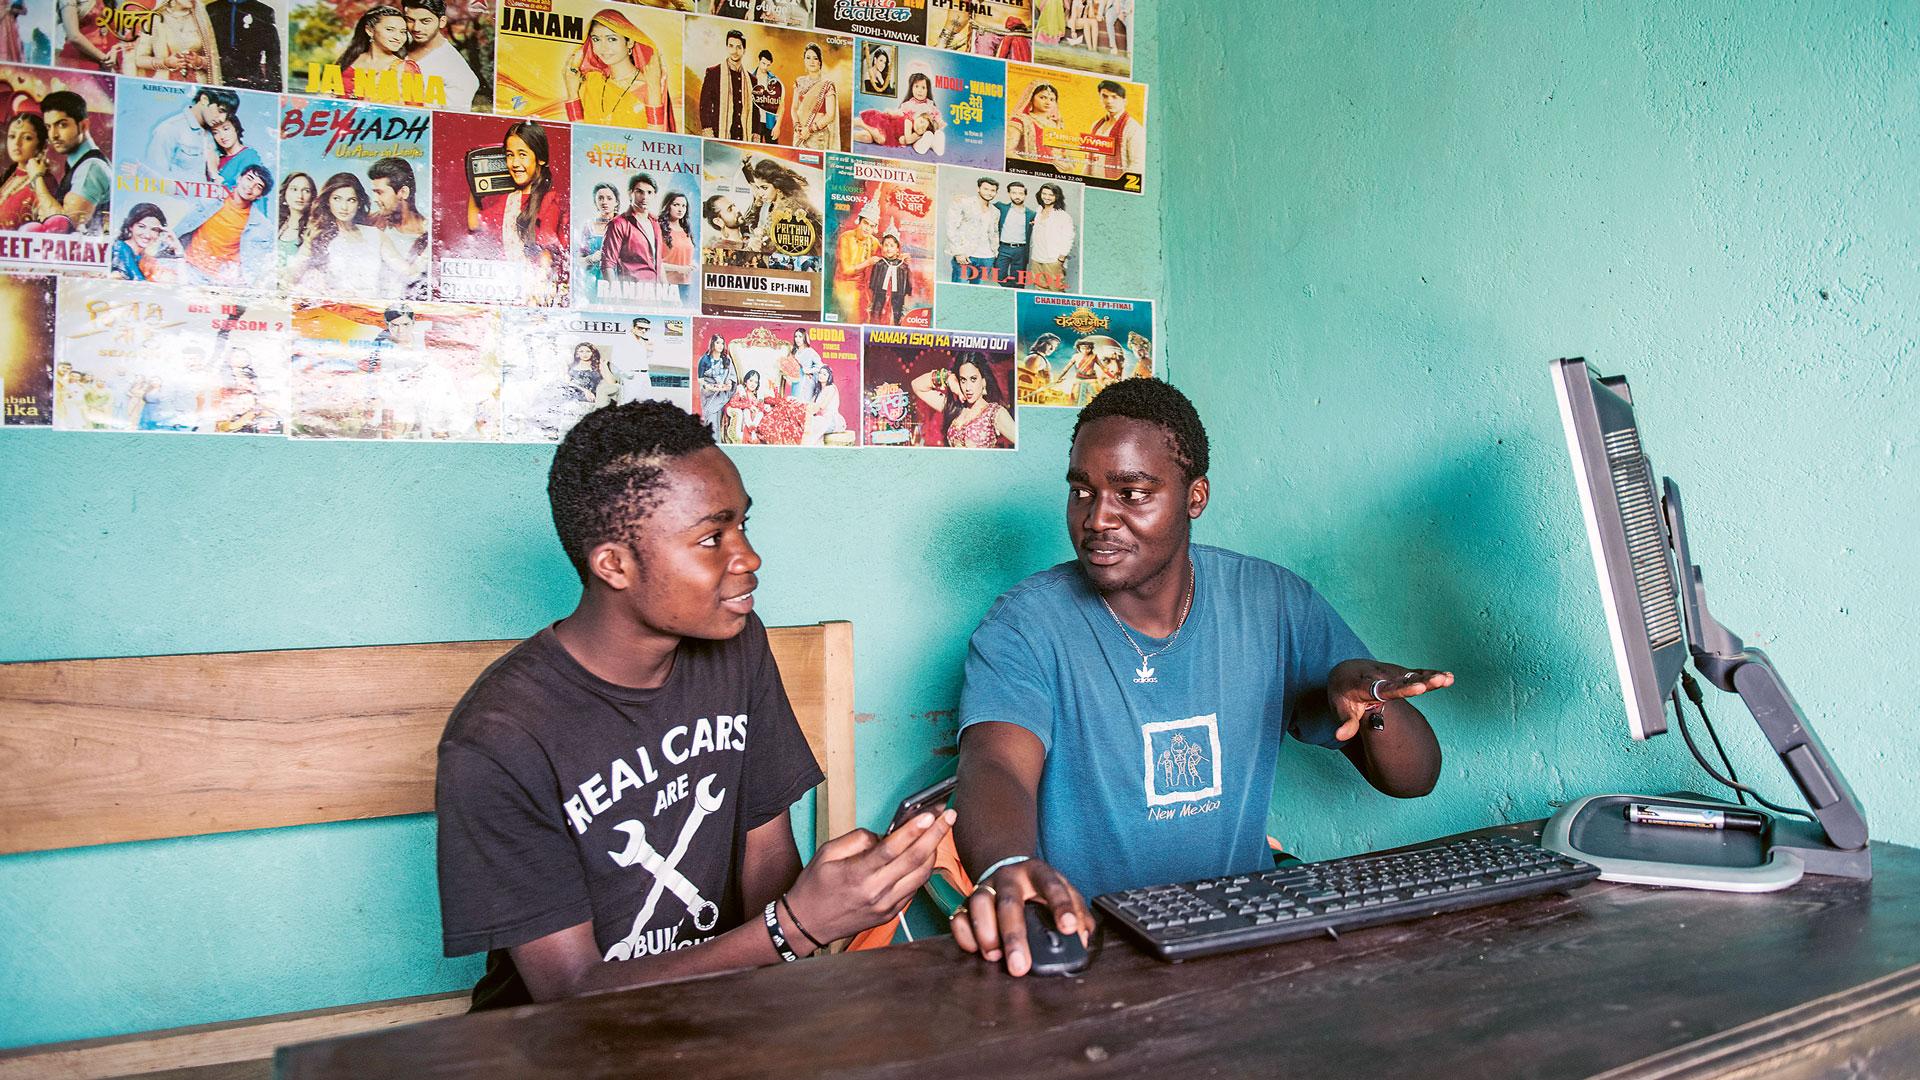 Kaksi miestä katsovat tietokoneen ruutua.